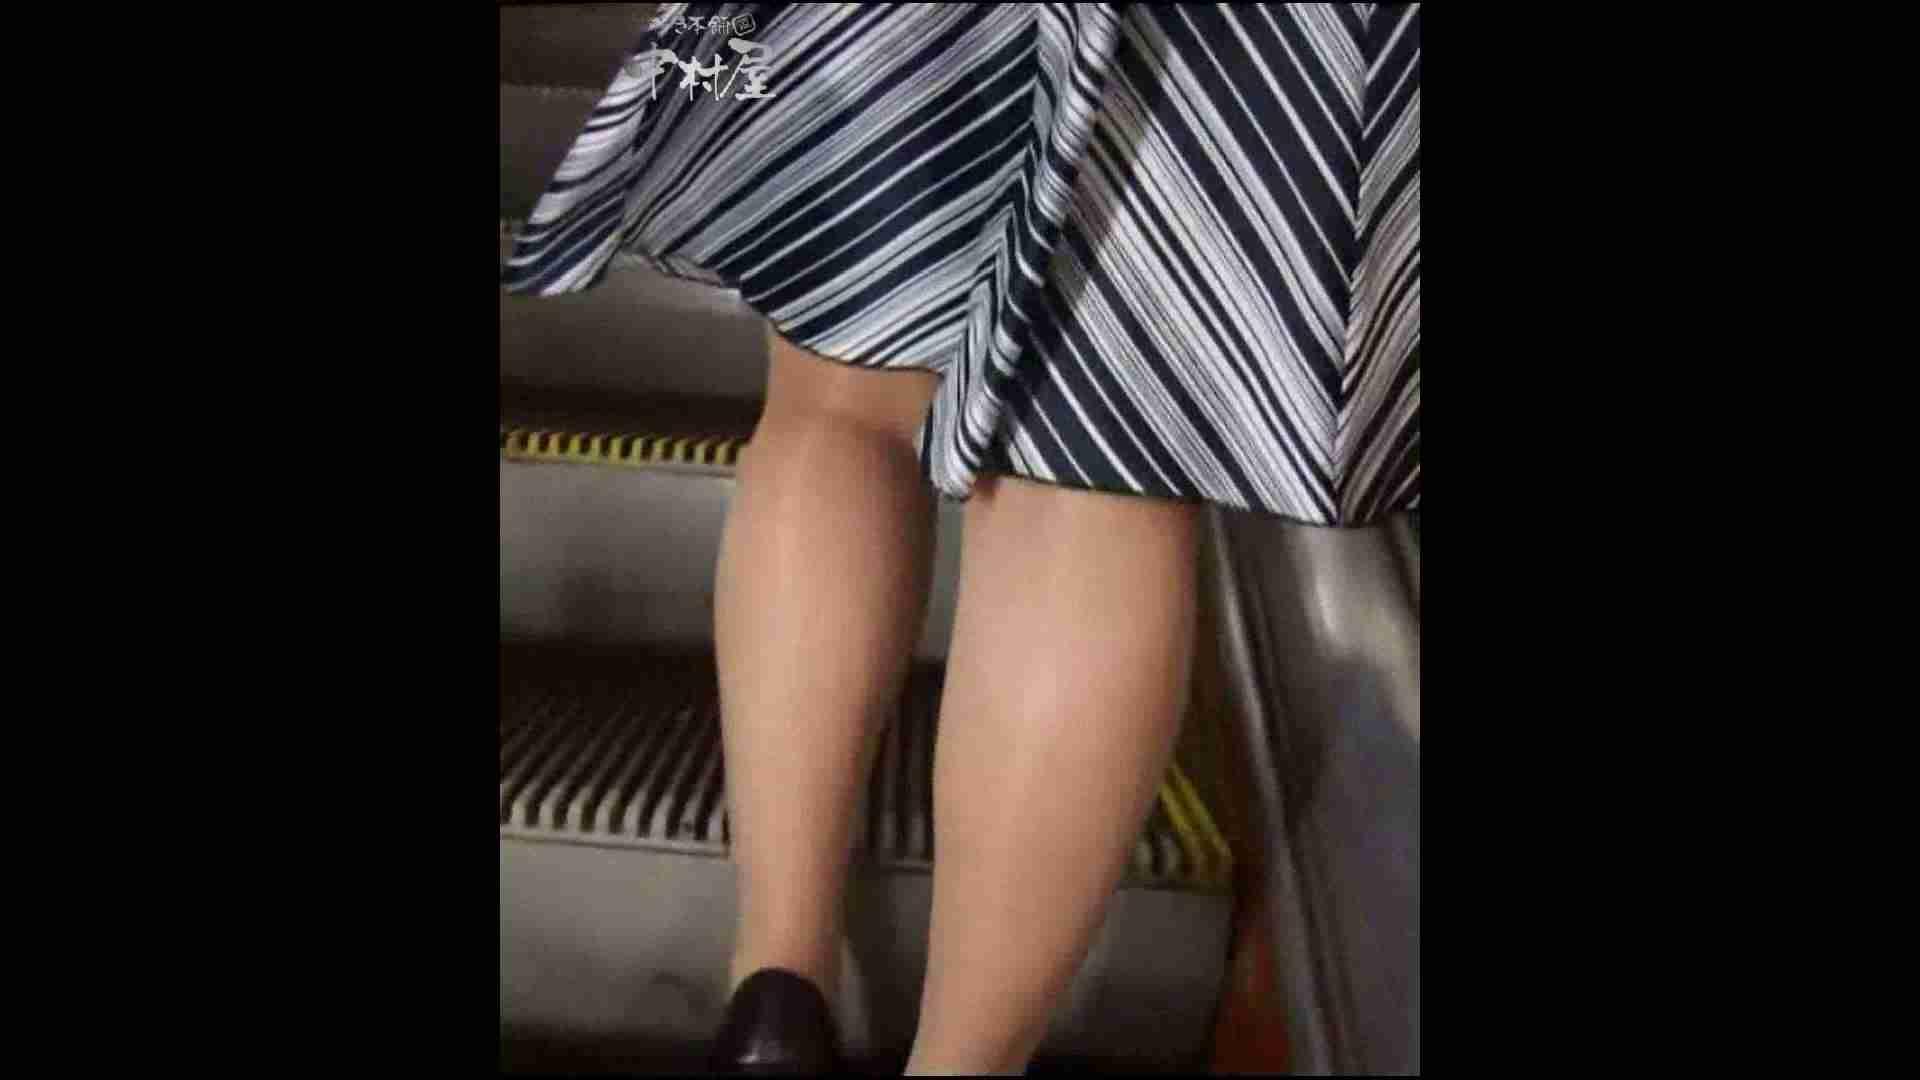 綺麗なモデルさんのスカート捲っちゃおう‼ vol21 お姉さんヌード | OLセックス  100画像 91